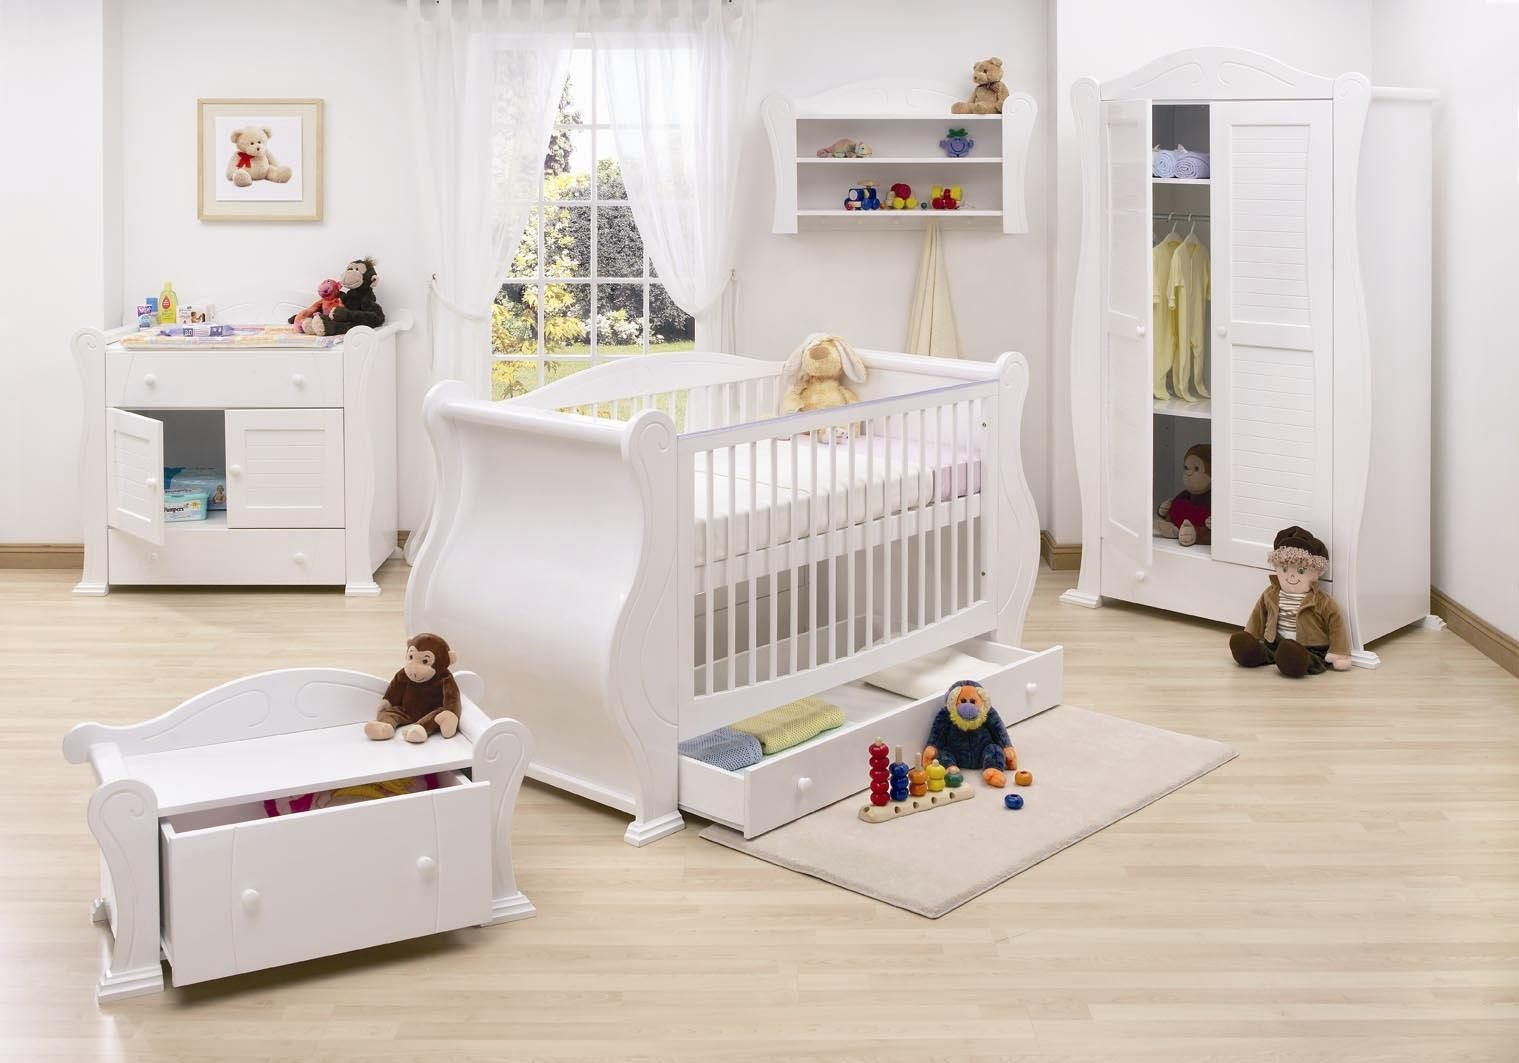 Galer a de im genes dormitorios de beb s - Dormitorio para bebes ...